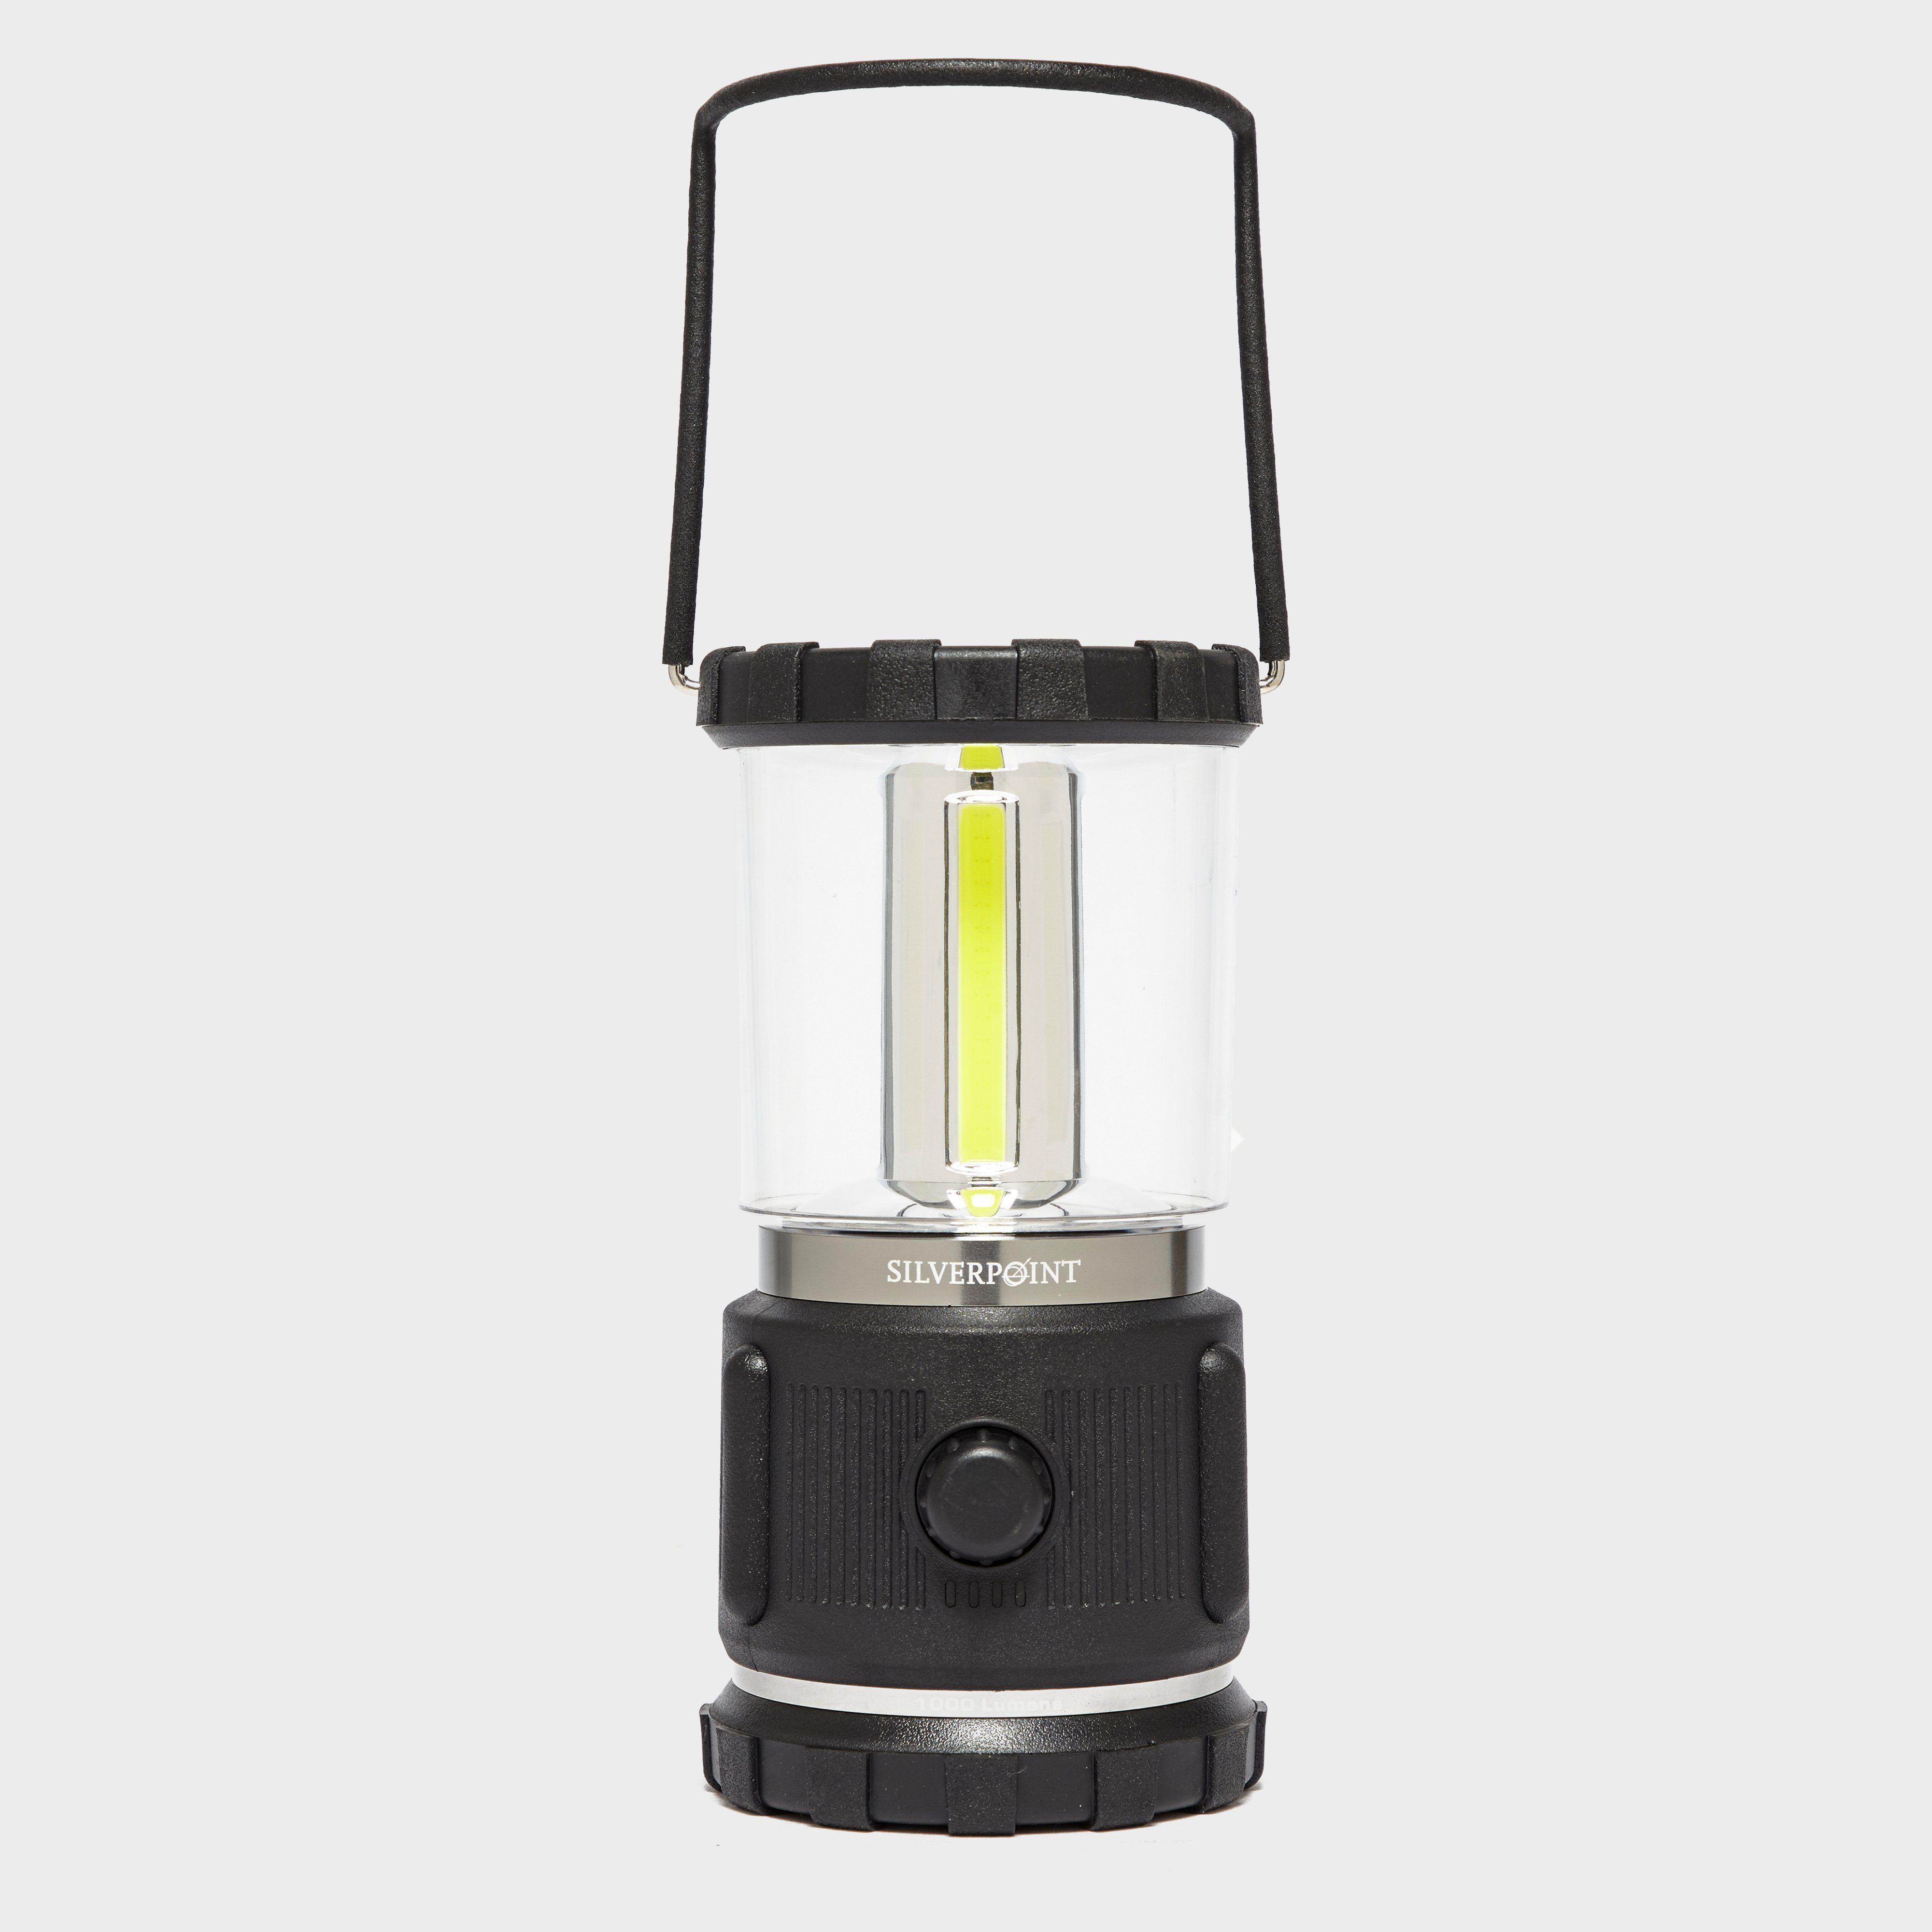 SILVERPOINT Starlight X1000 Lantern